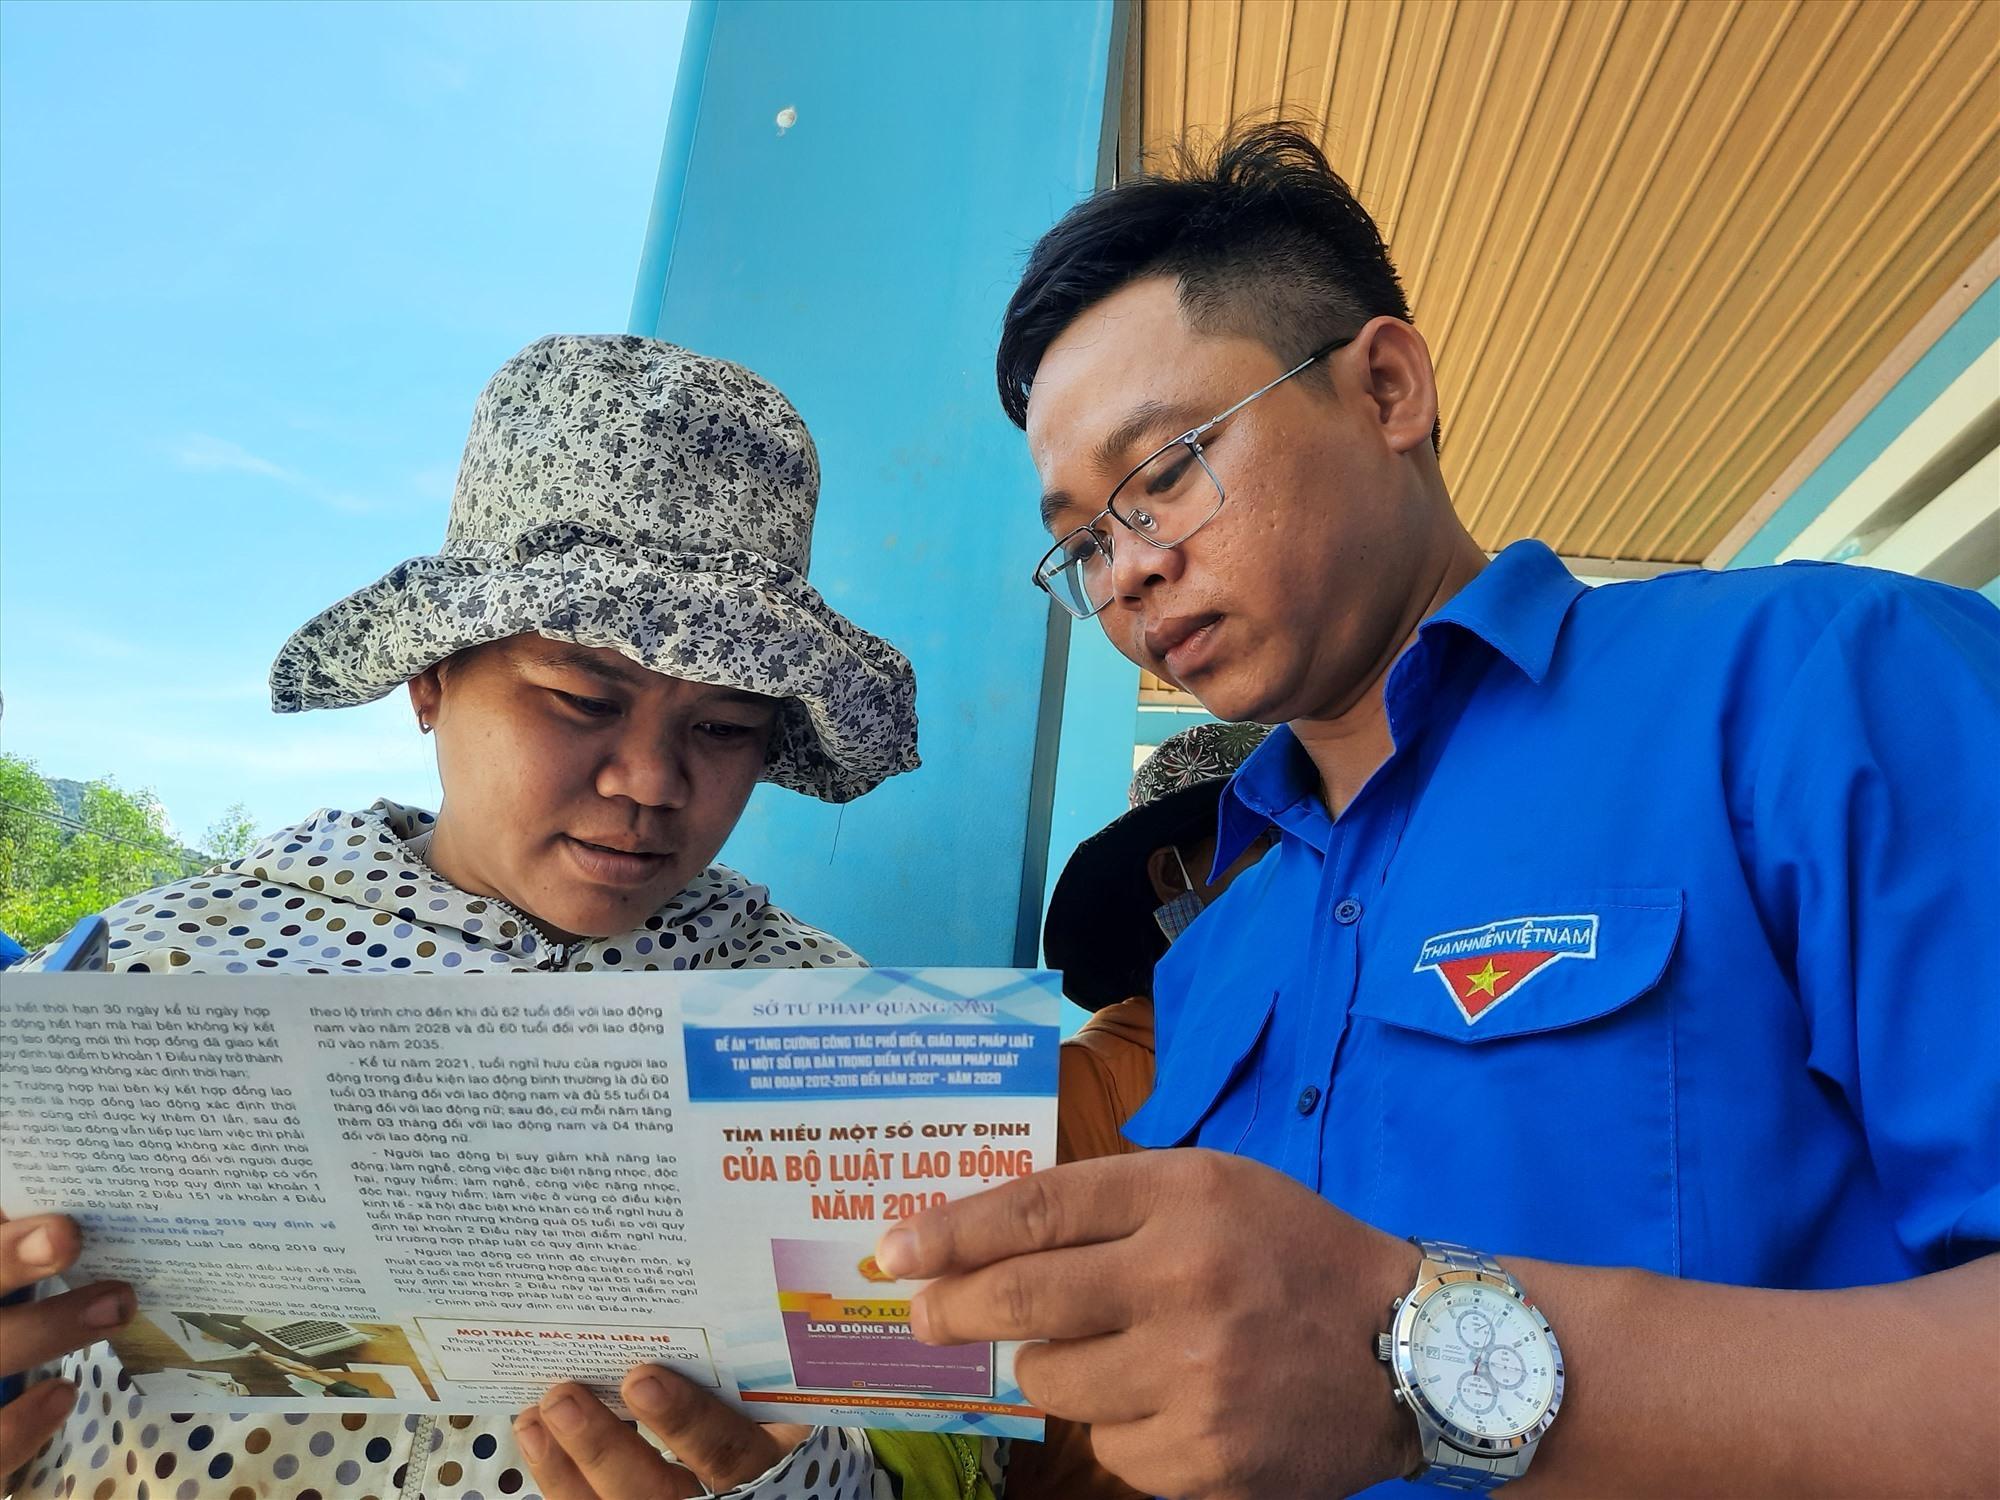 Cấp phát tờ rơi tuyên truyền các quy định mới của pháp luật Việt Nam năm 2020 cho người dân. Ảnh: HỒ QUÂN